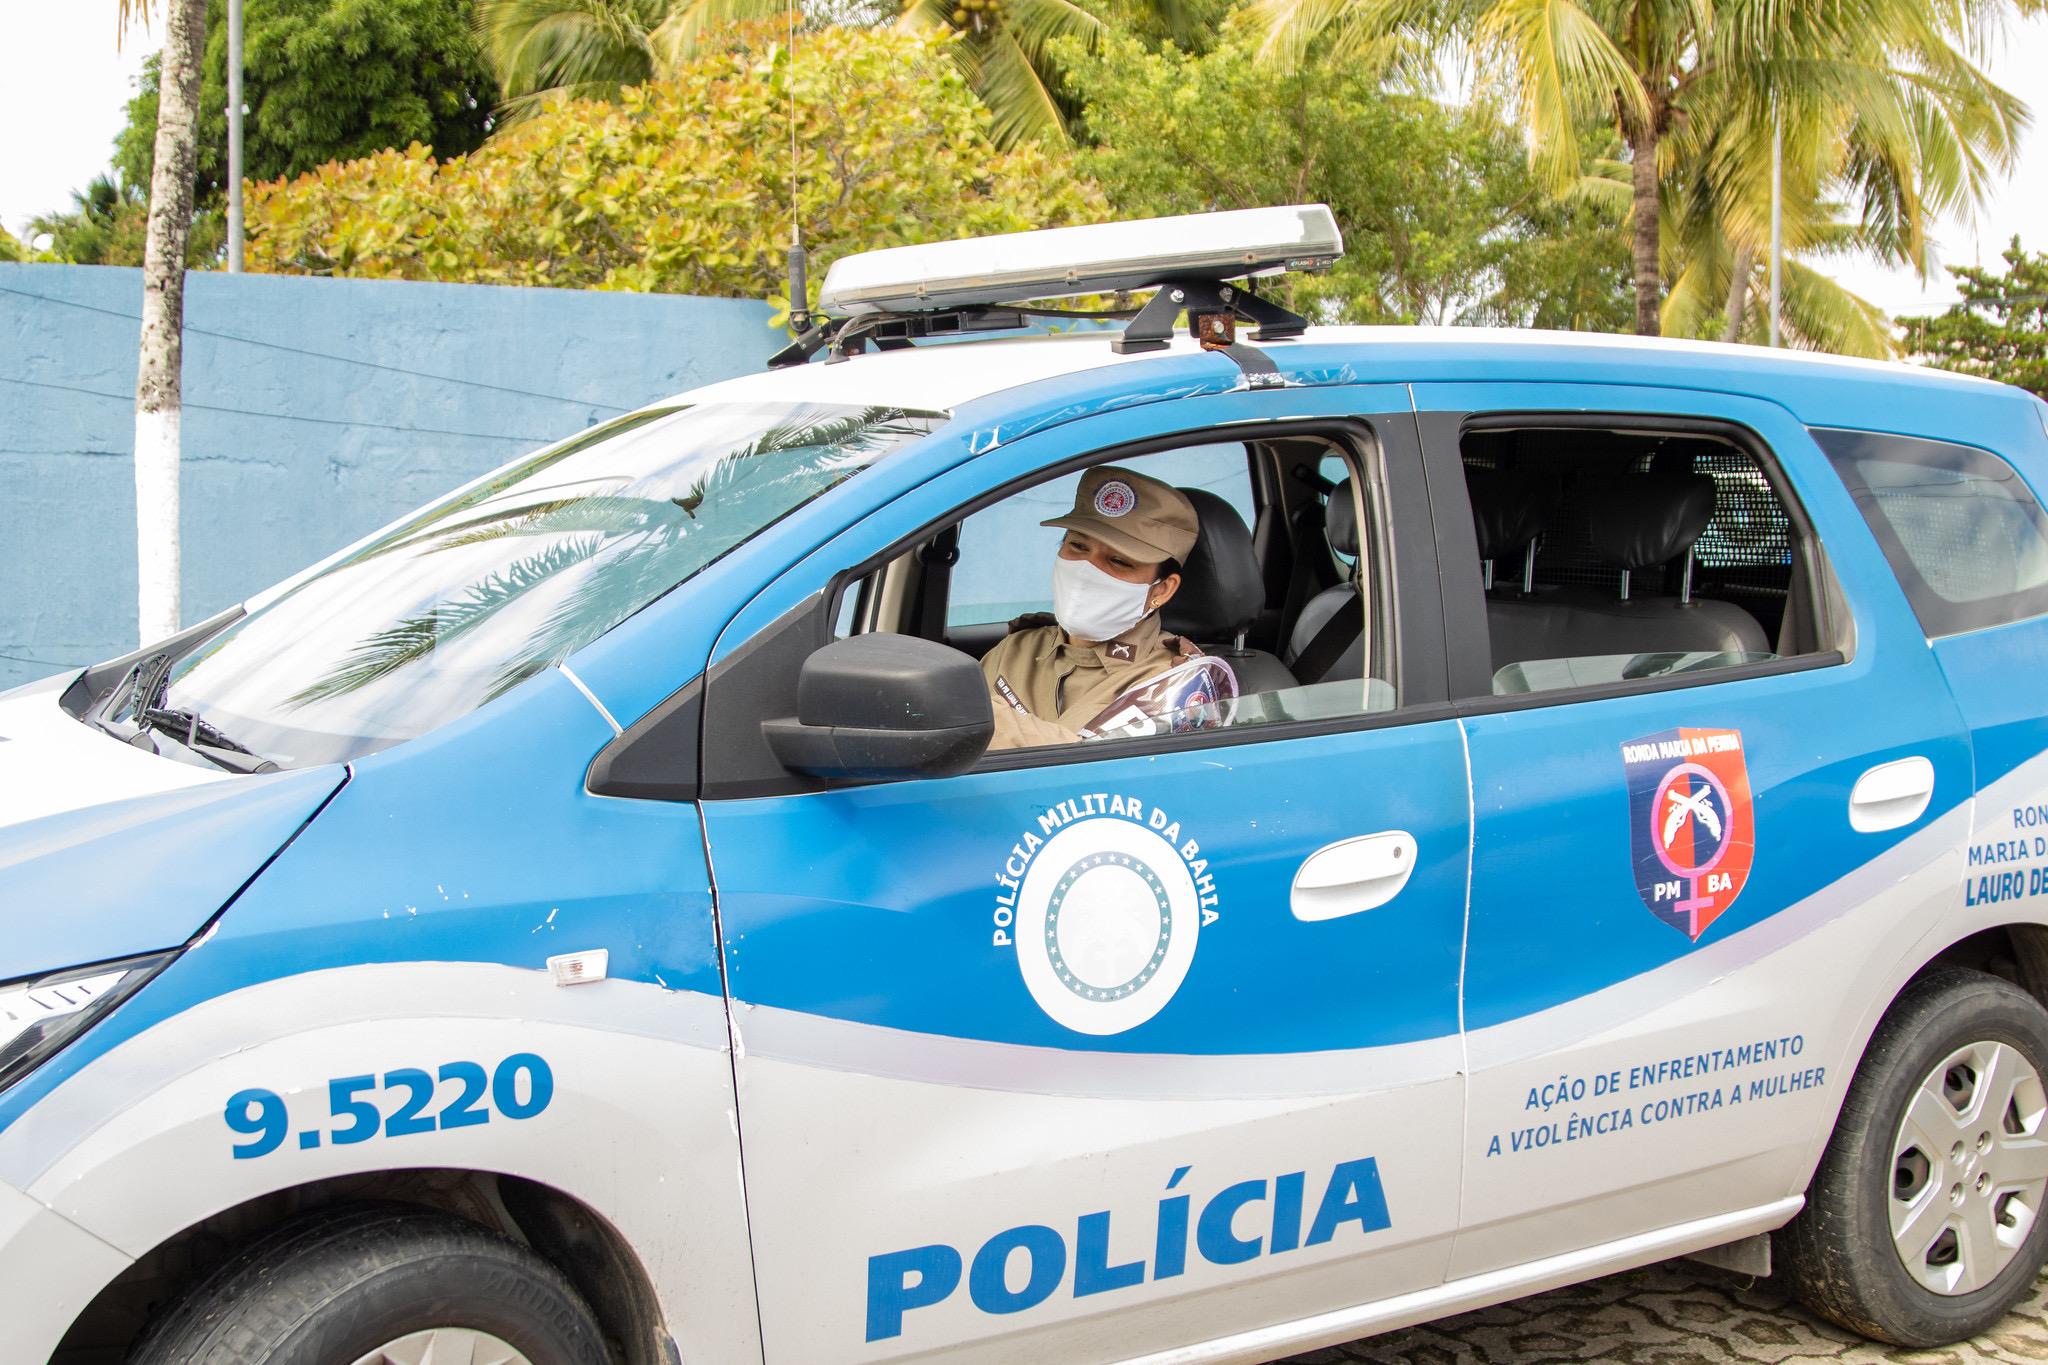 Ronda Maria da Penha completa três anos em Lauro de Freitas com mais de 2 mil atendimentos e ampliação de serviços